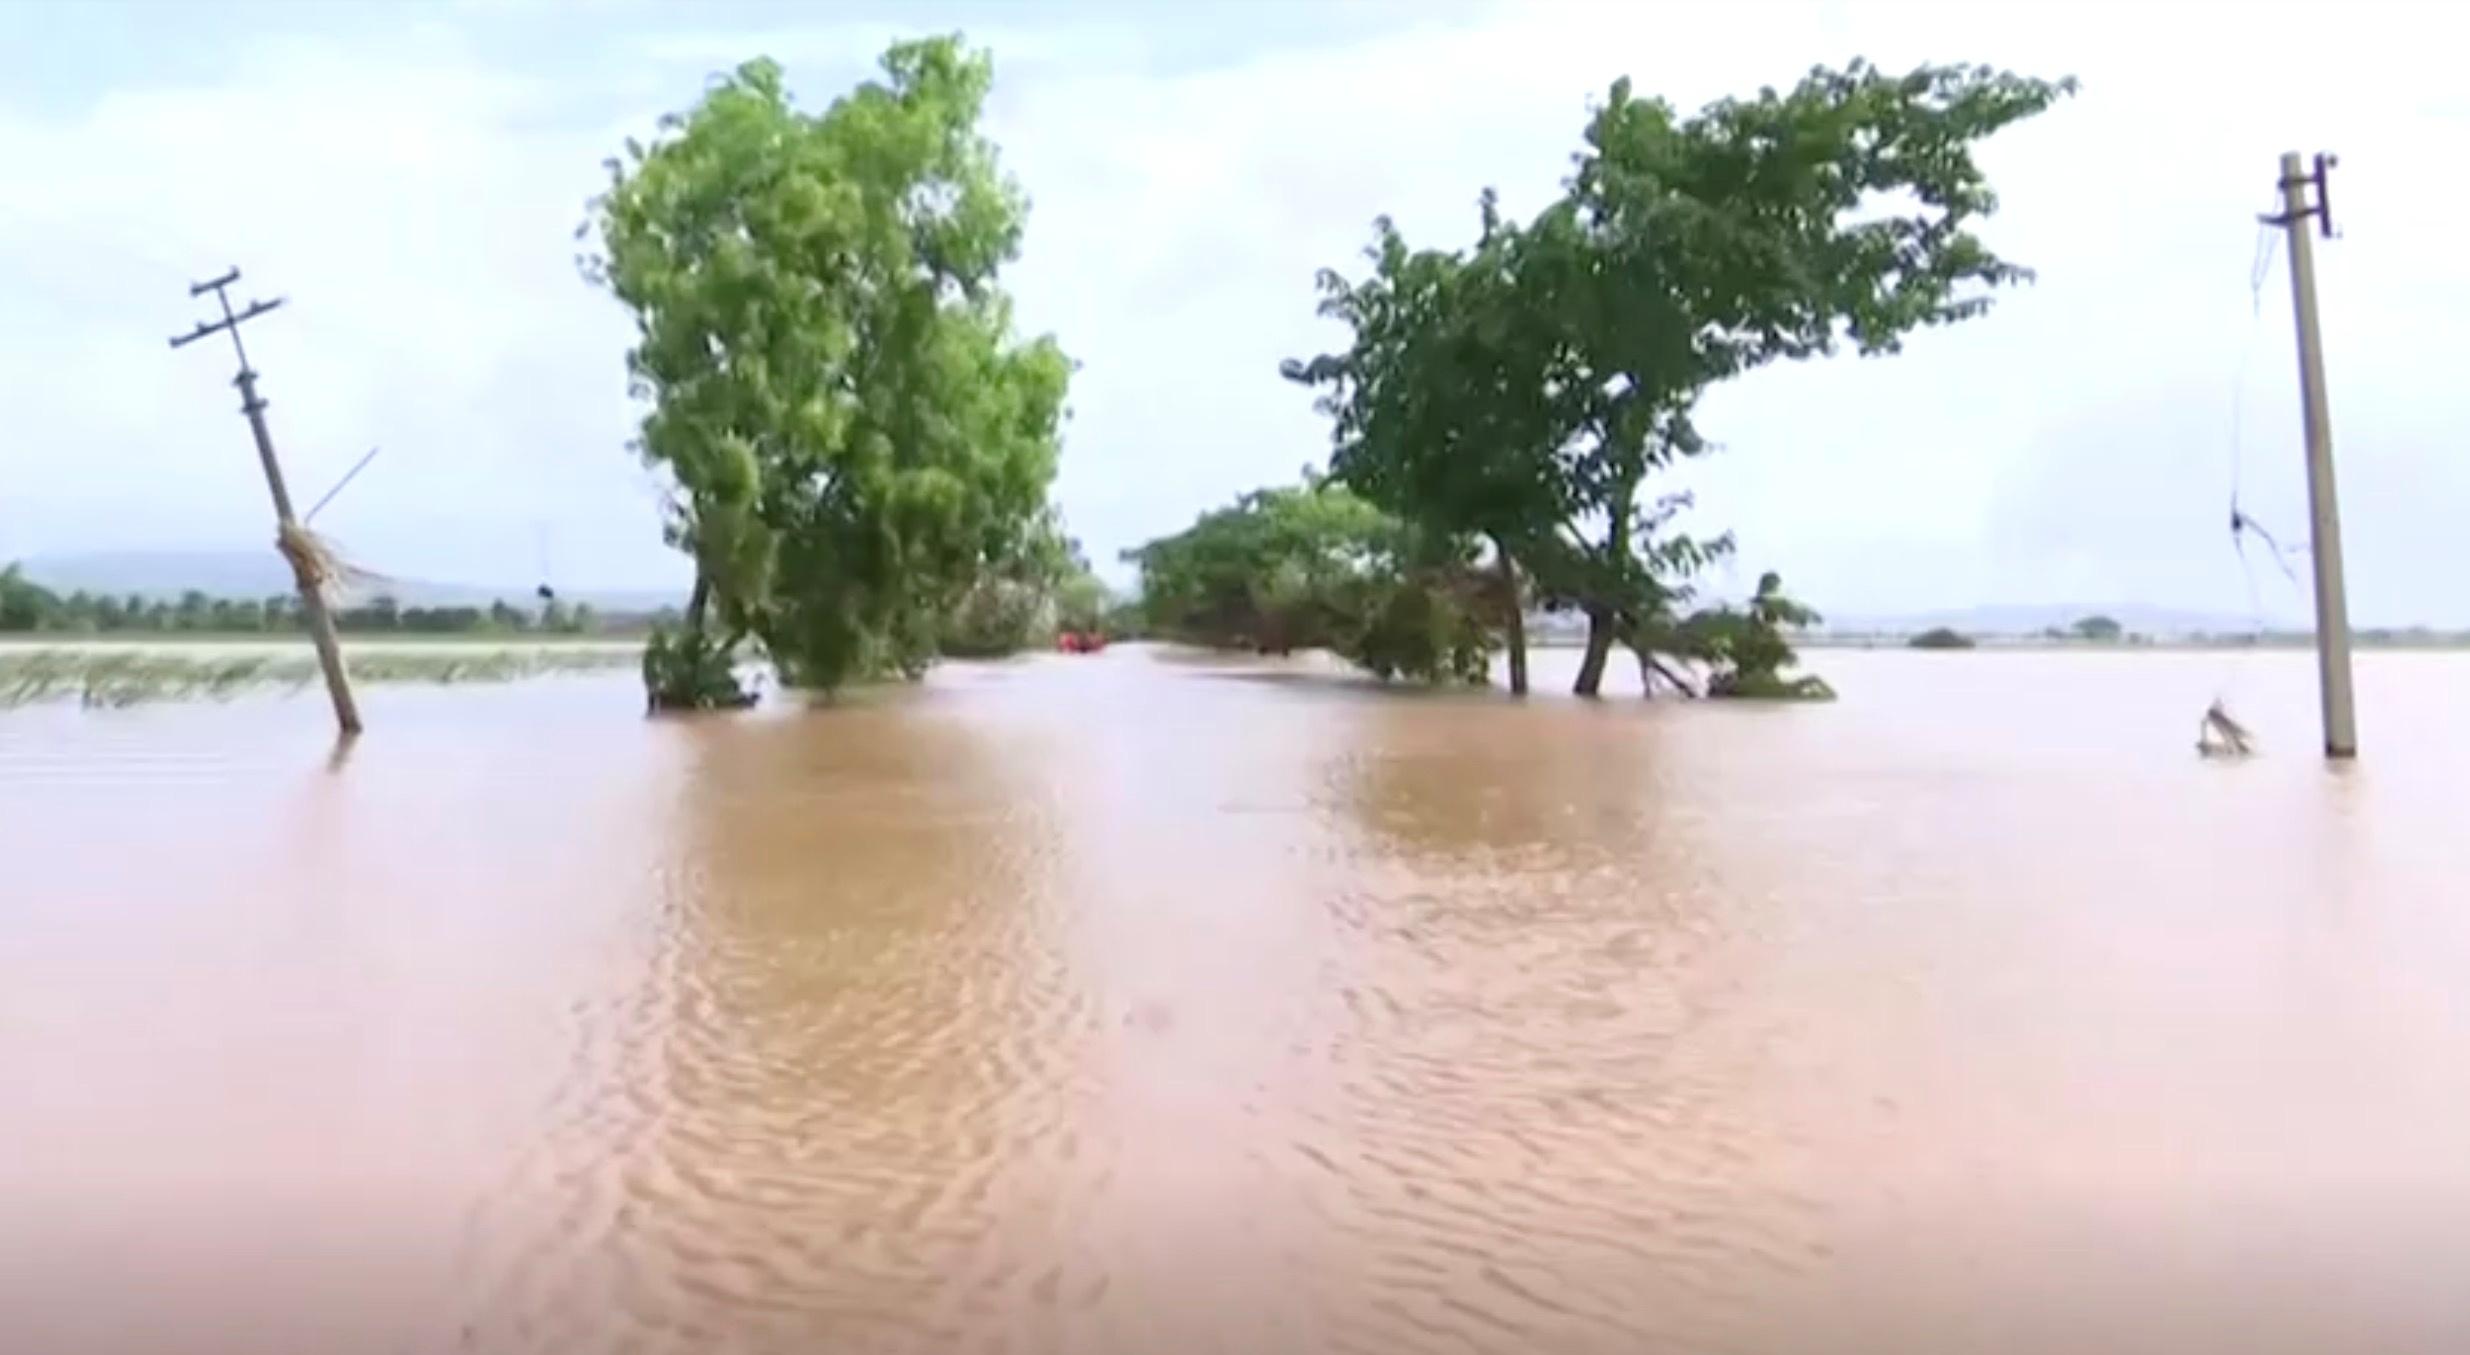 गंगा और यमुना नदी का जलस्तर भी लगातार बढ़ता जा रहा है।